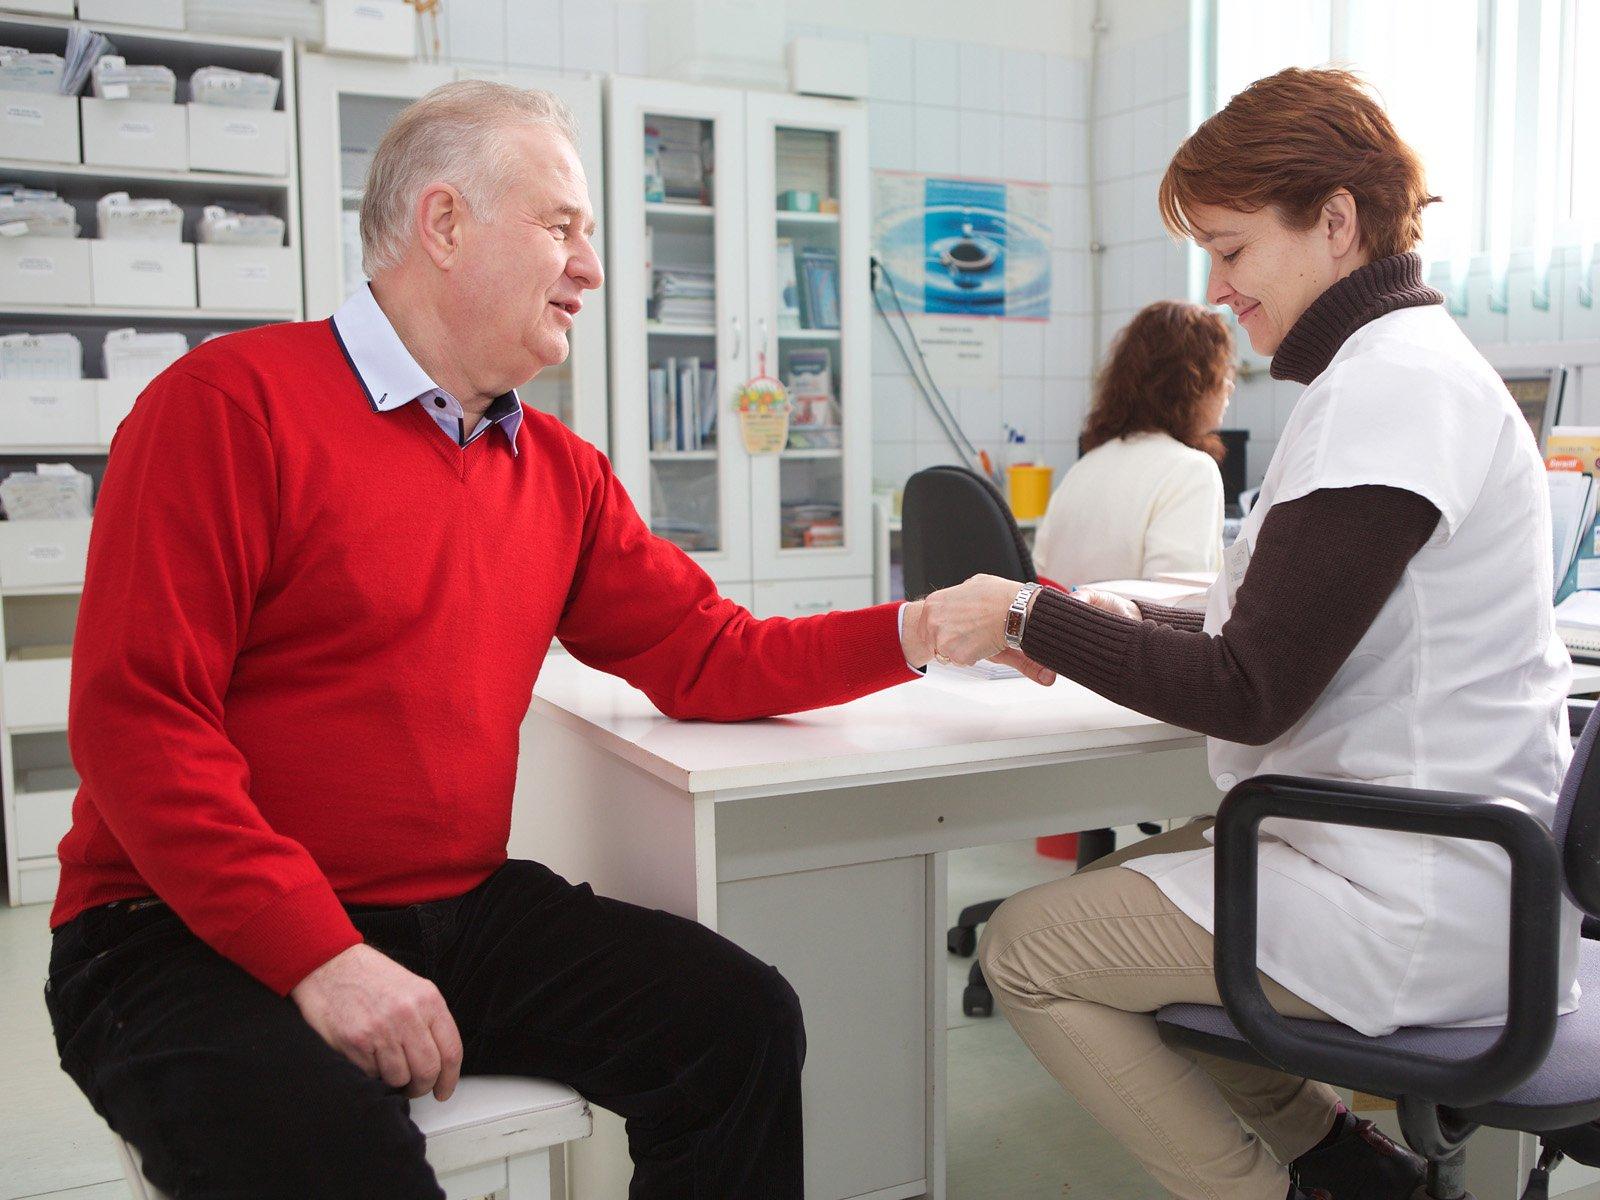 ízületi fájdalom az őszi-tavaszi időszakban szteroid injekció térdbe